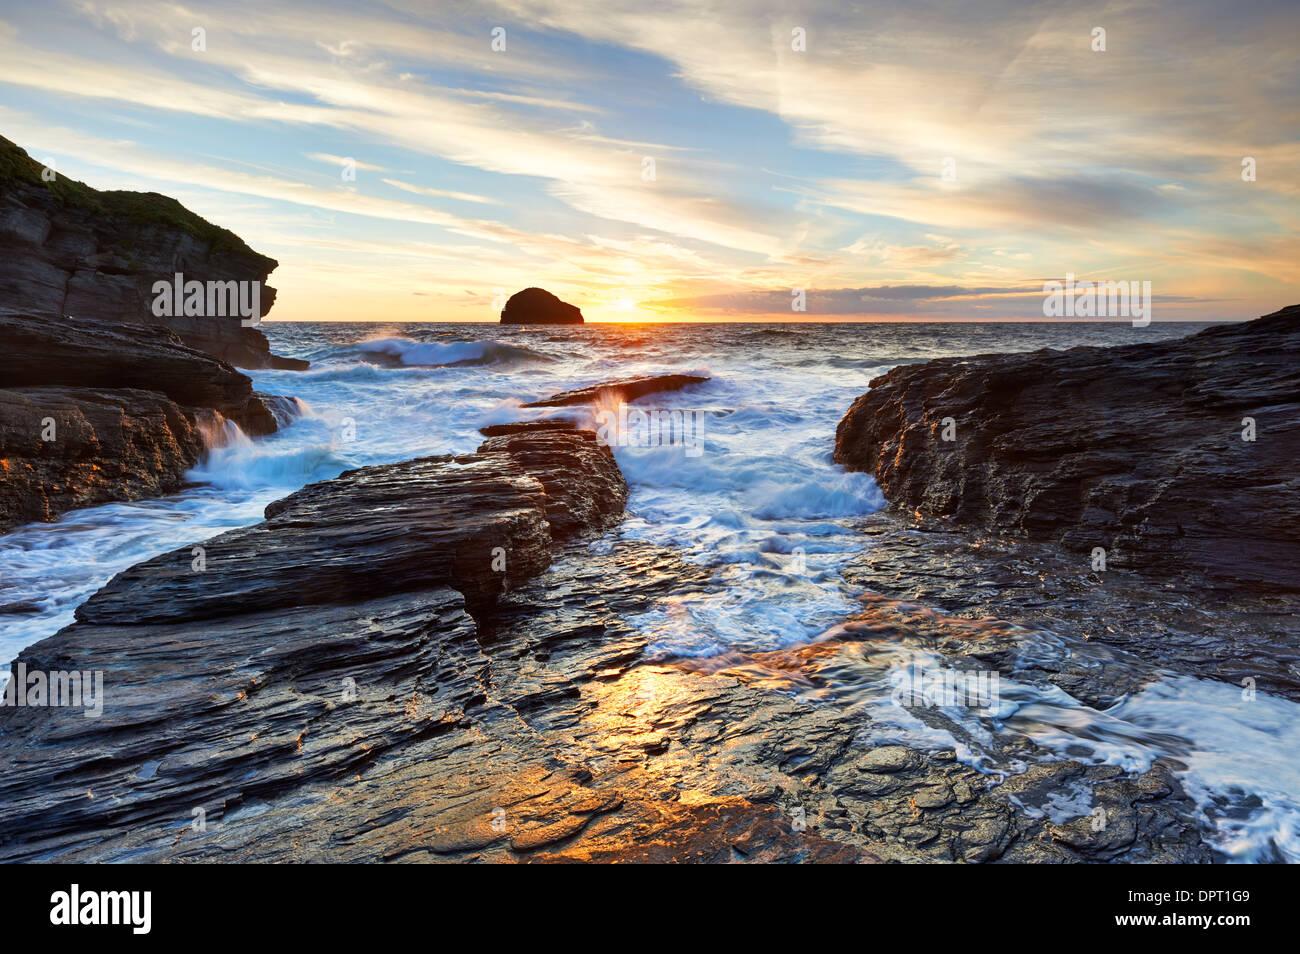 Luz del atardecer en la costa norte de Cornualles en Trebarwith Strand. Imagen De Stock